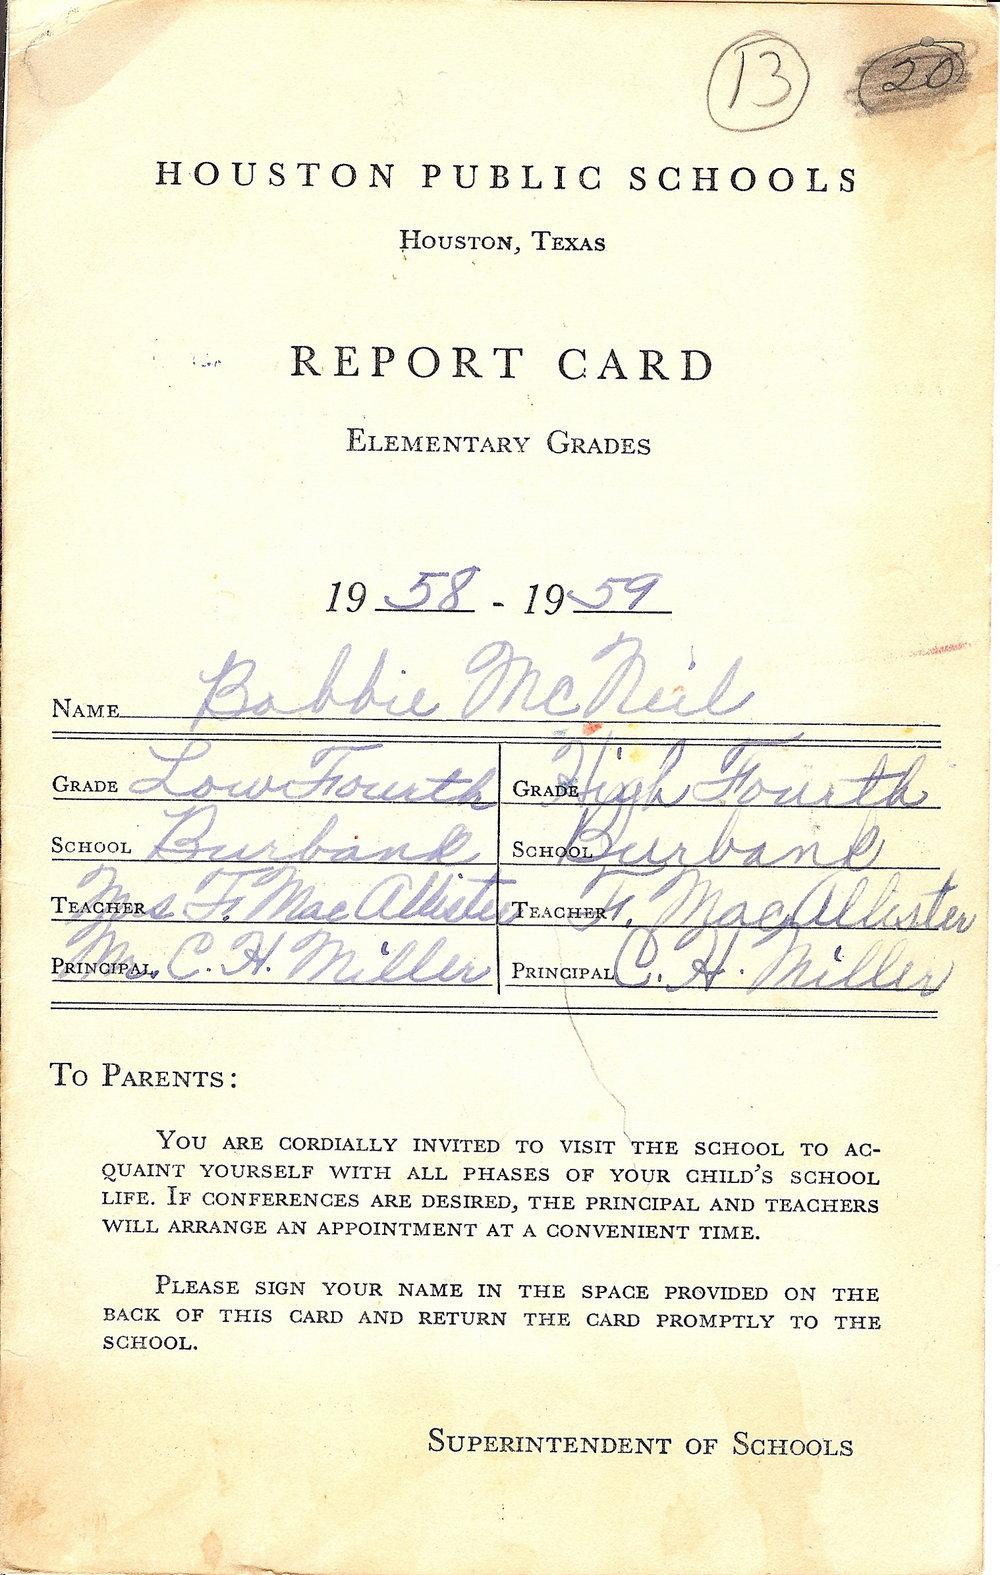 Bob McNeil - 1958 - Age 9 - Fourth Grade Report Card - page 1